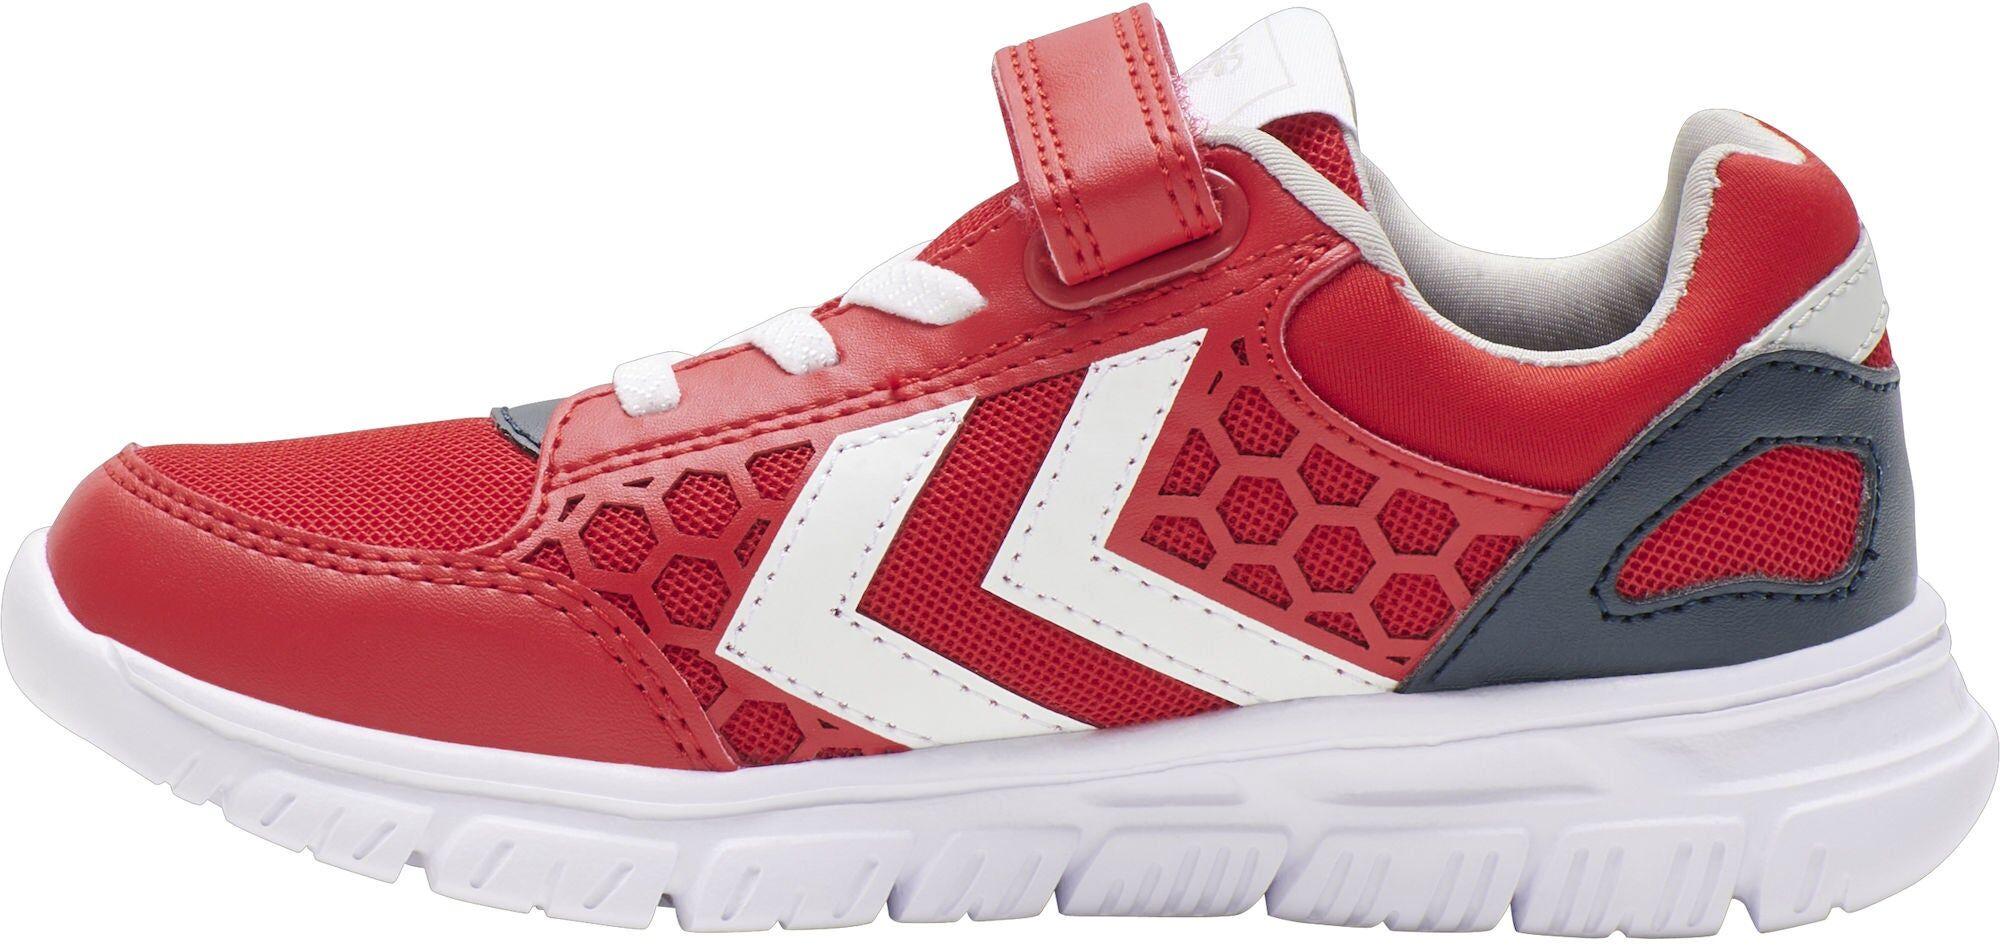 Hummel Crosslite Jr Sneaker, High Risk Red, 31